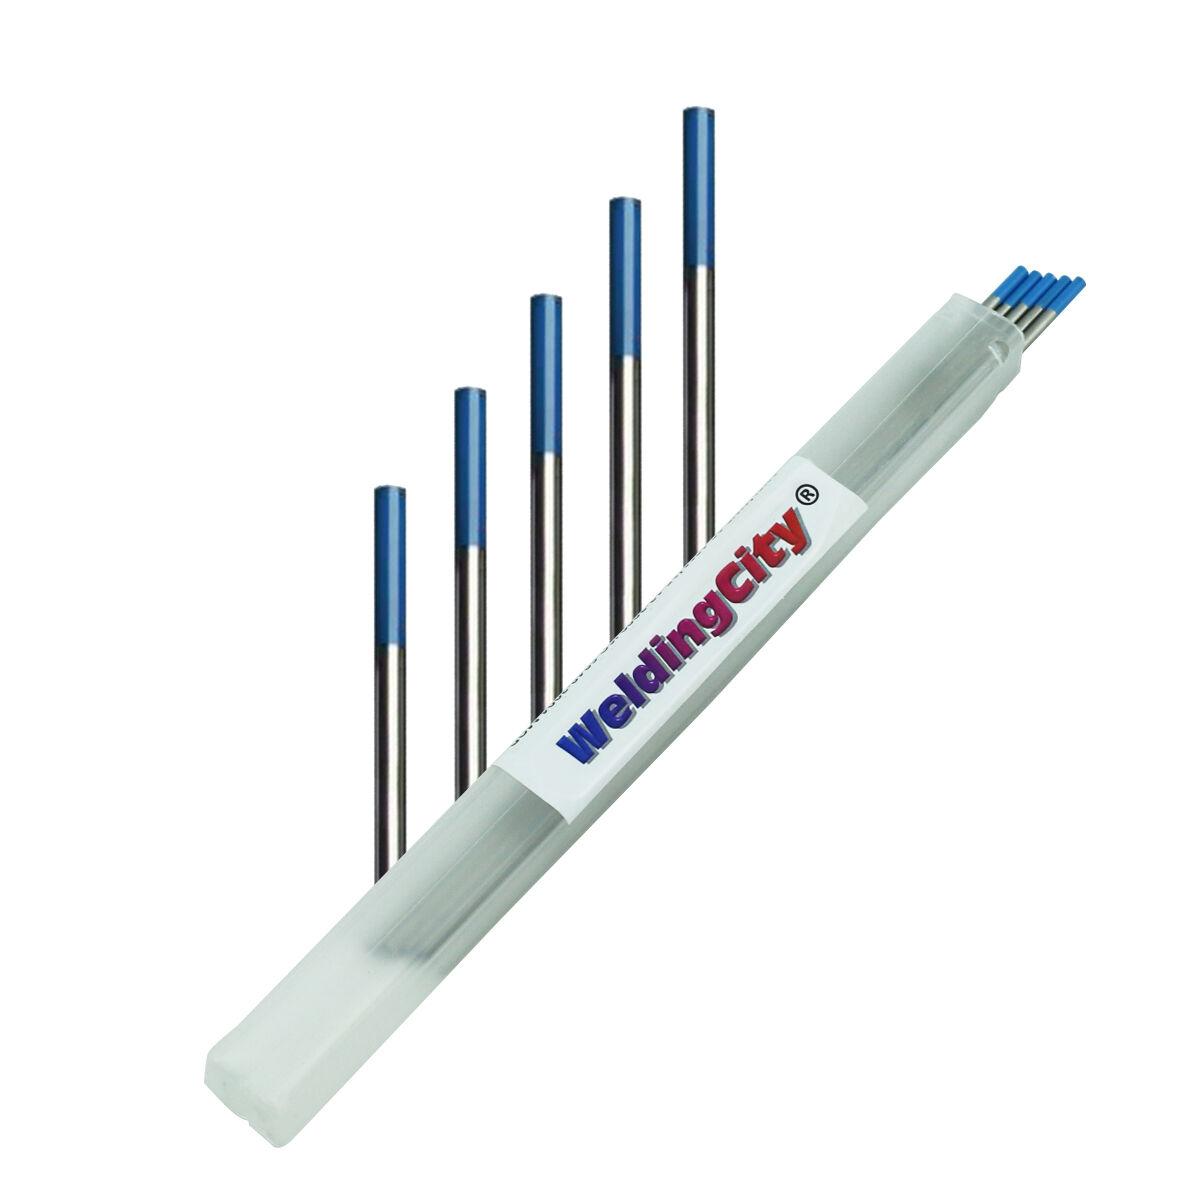 WeldingCity Red EWTh20 Premium TIG Welding Tungsten Electrode Rod 10 Pack